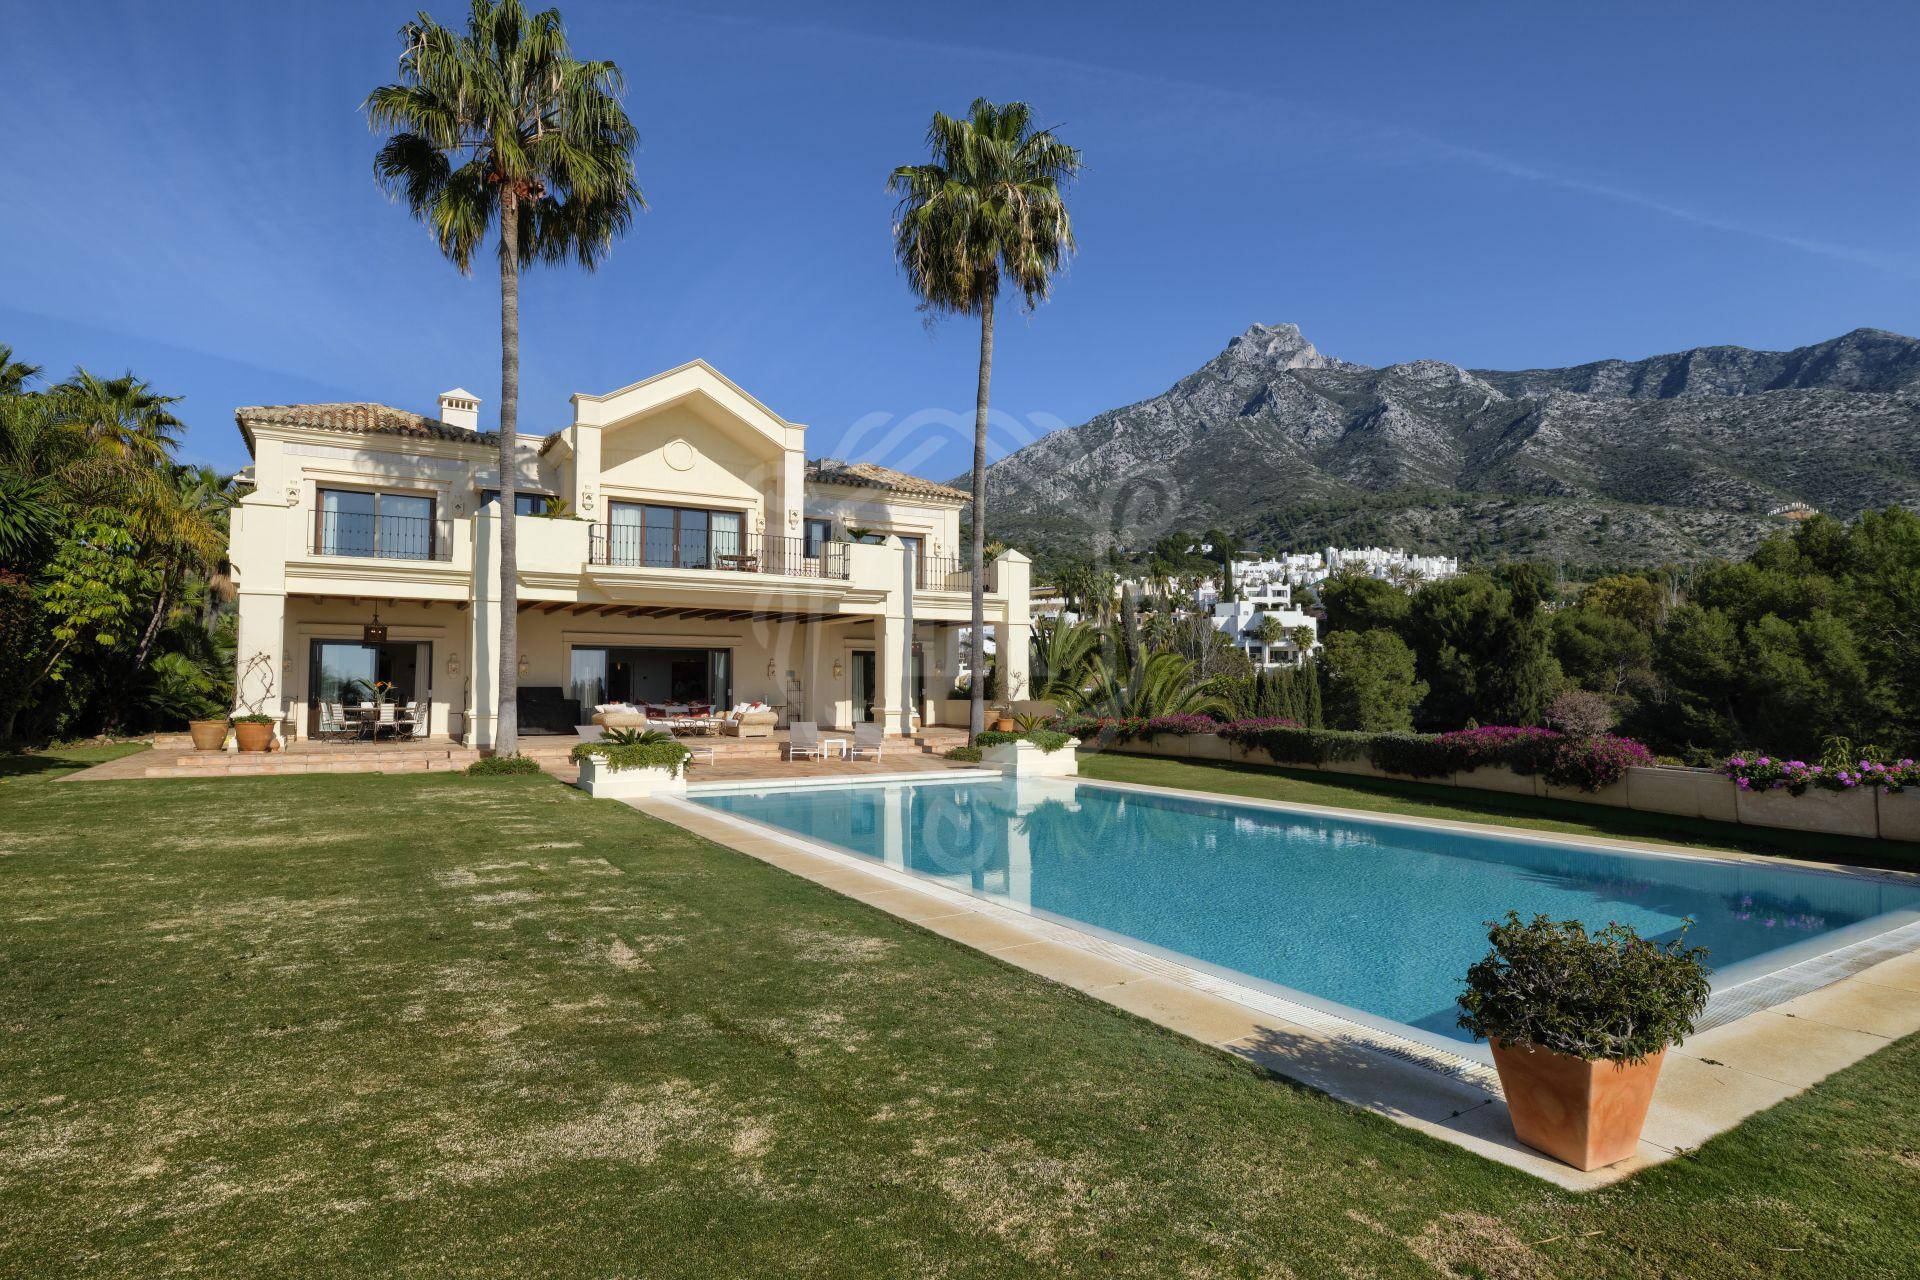 Villa de estilo mediterráneo en Marbella Hill Club, Marbella Golden Mile